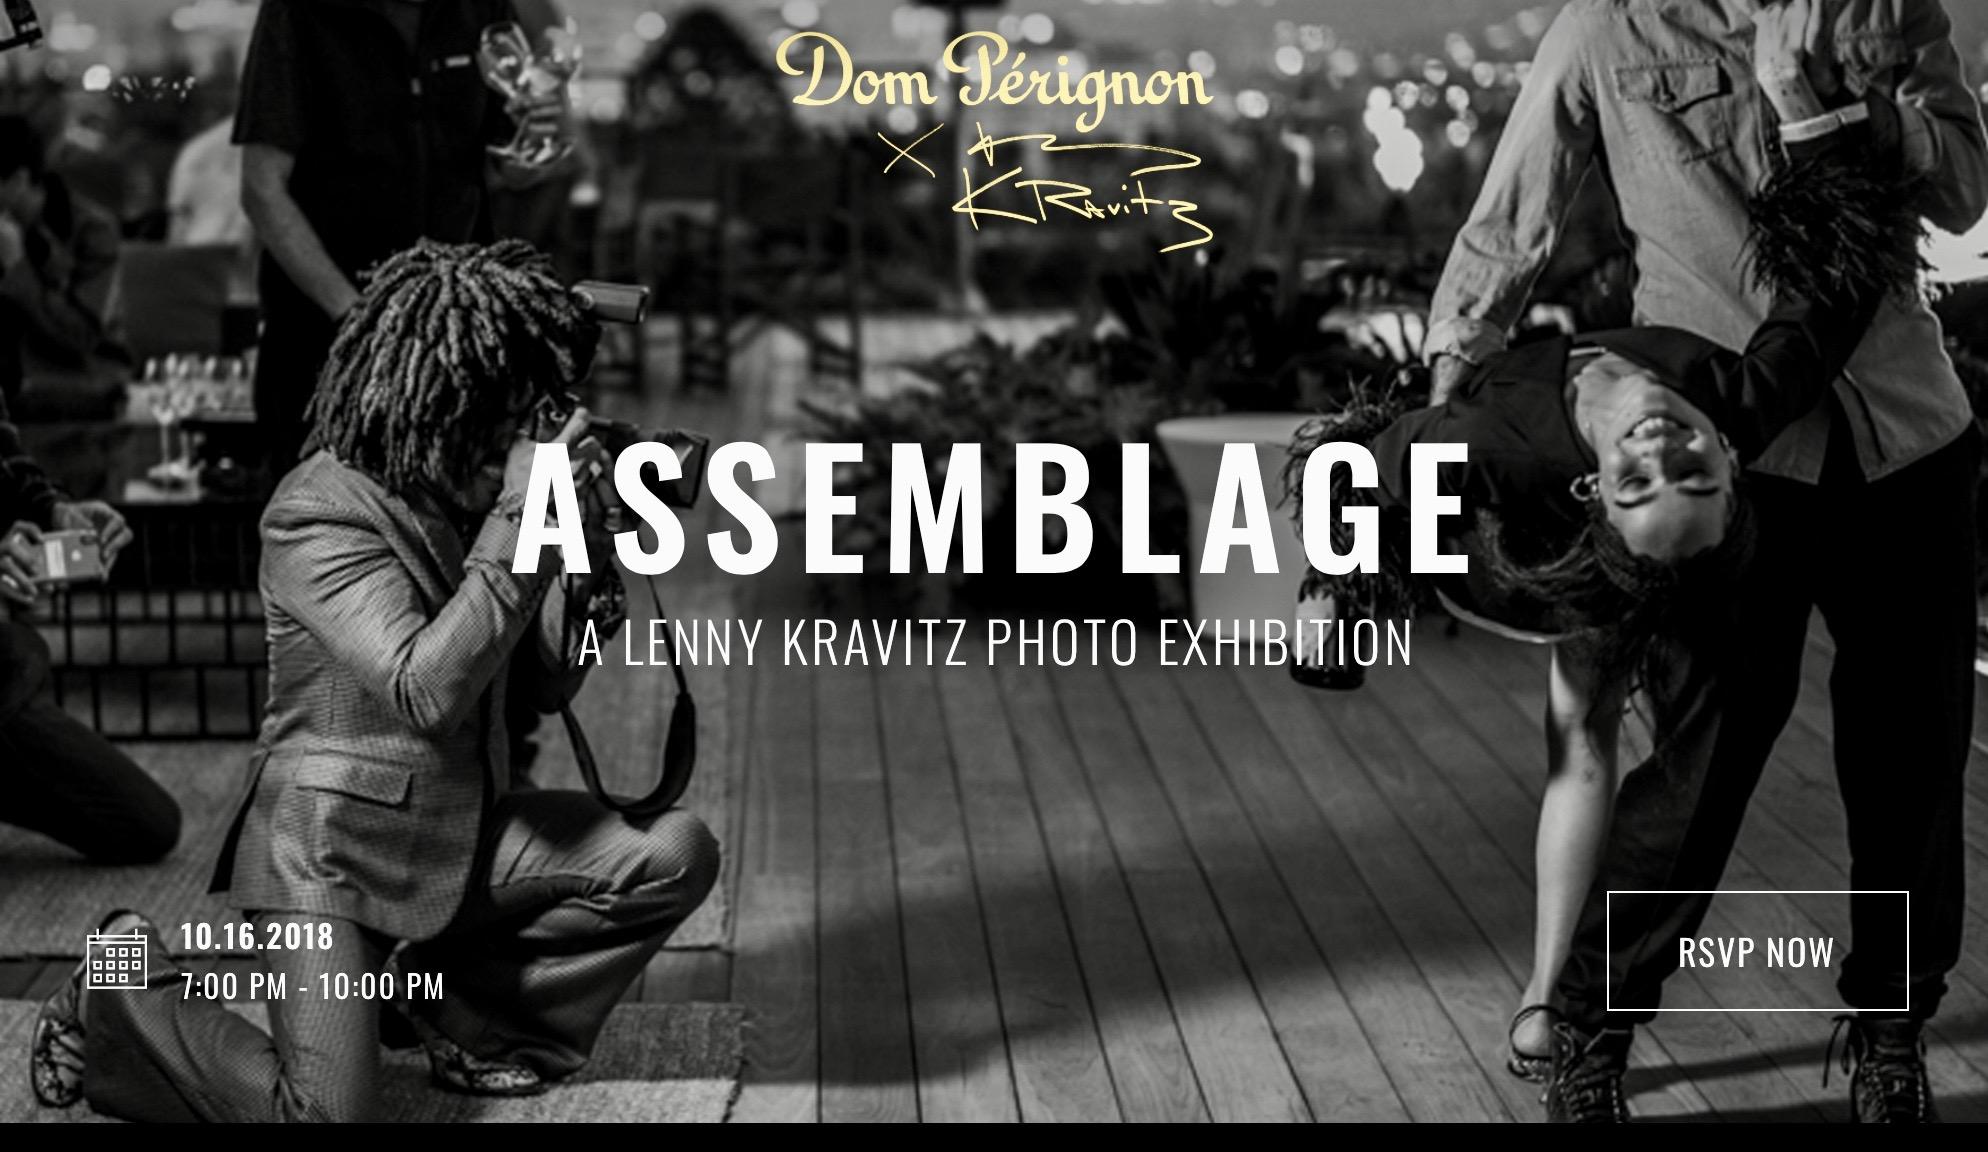 """Invitation à l'exposition """"Assemblage """" selon Lenny Kravitz directeur artistique de Dom Pérignon."""